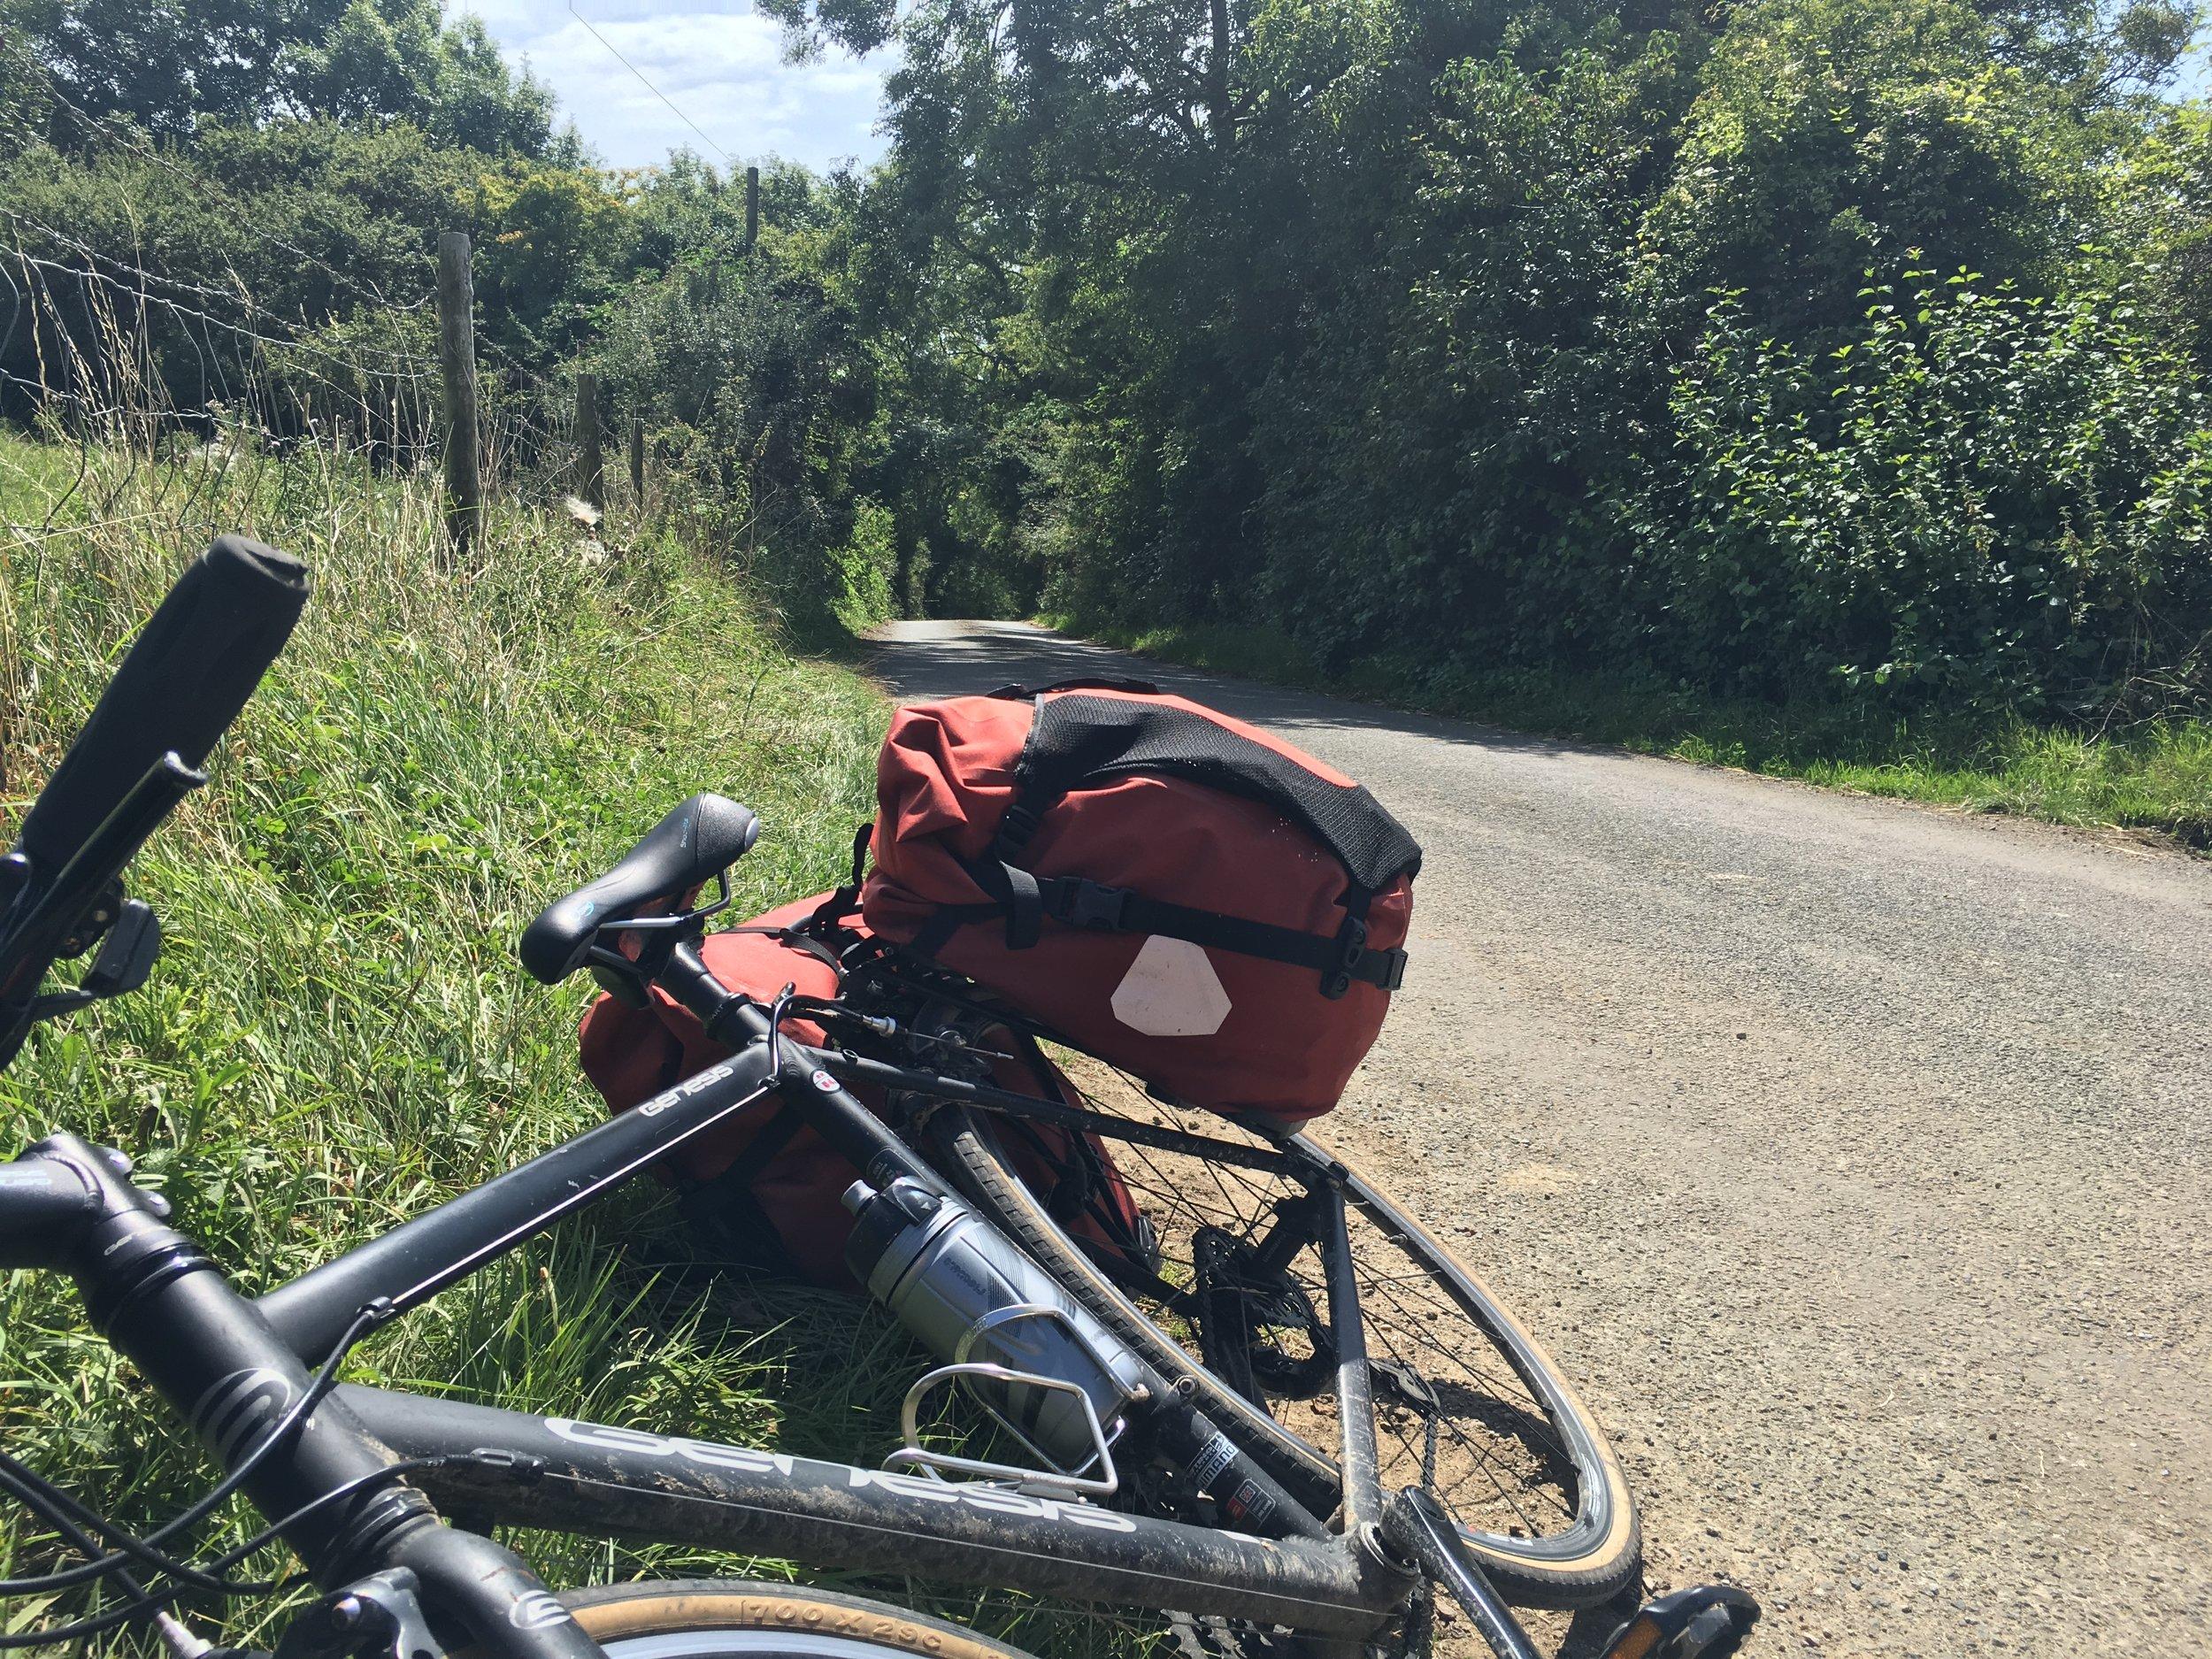 Rider and bike take a break